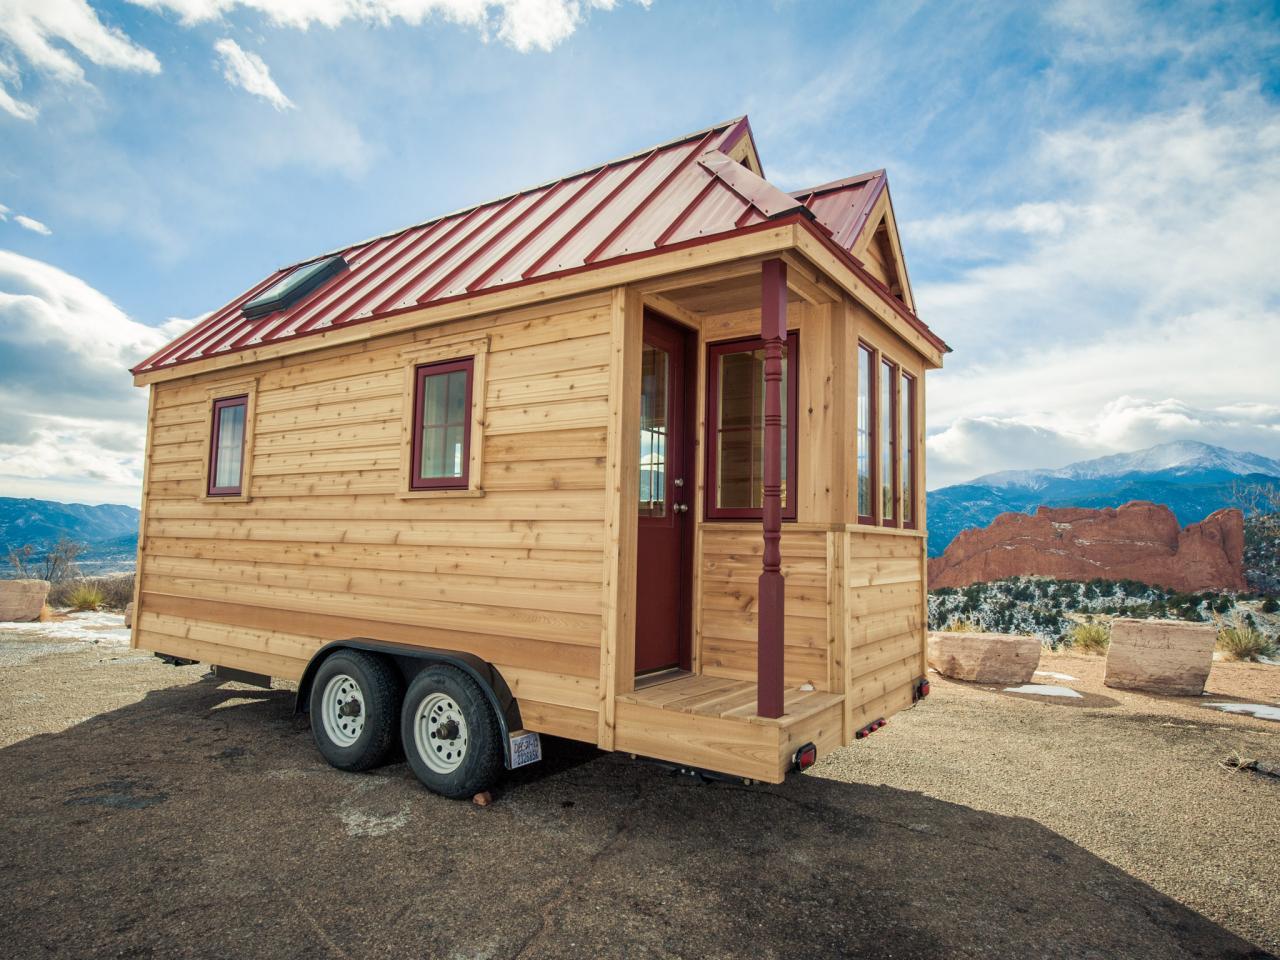 7 Tiny Homes To Inspirer Your Inner Traveler Hgtv S Decorating Design Blog Hgtv